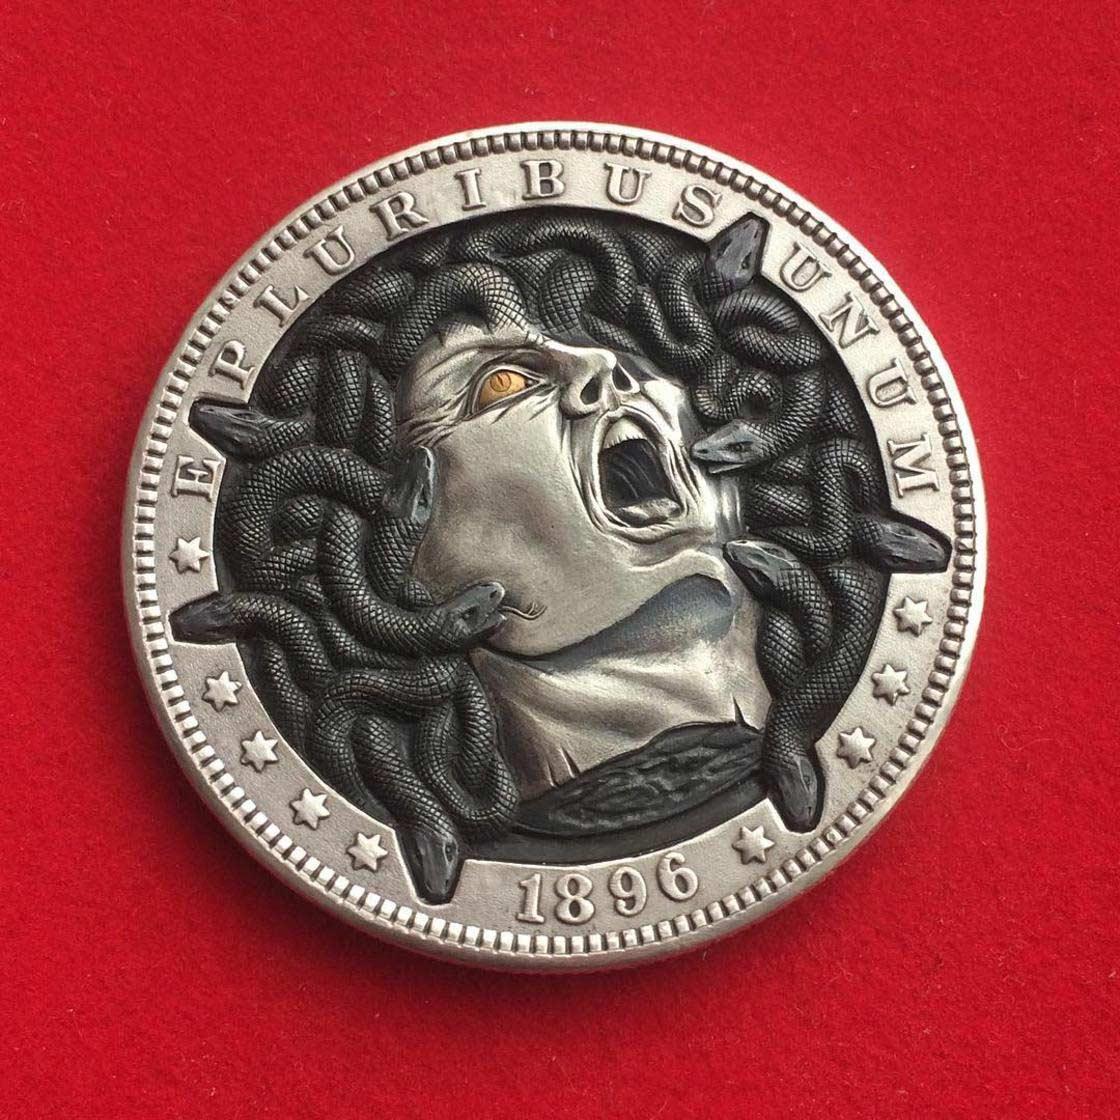 Wenn Münzen zu Popkultur-Skulpturen werden Roman-Booteen-hobo-nickel_10